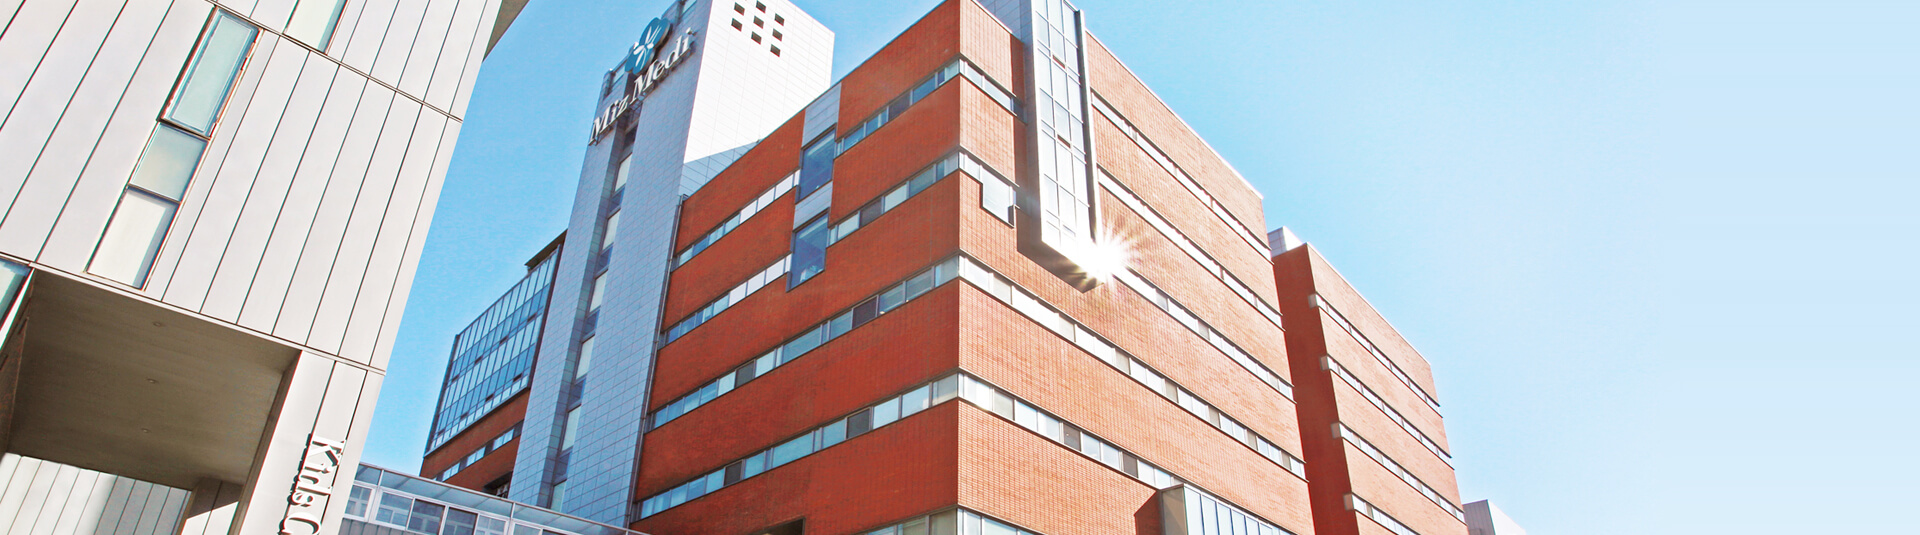 韩国Miz-Medi医院.jpg